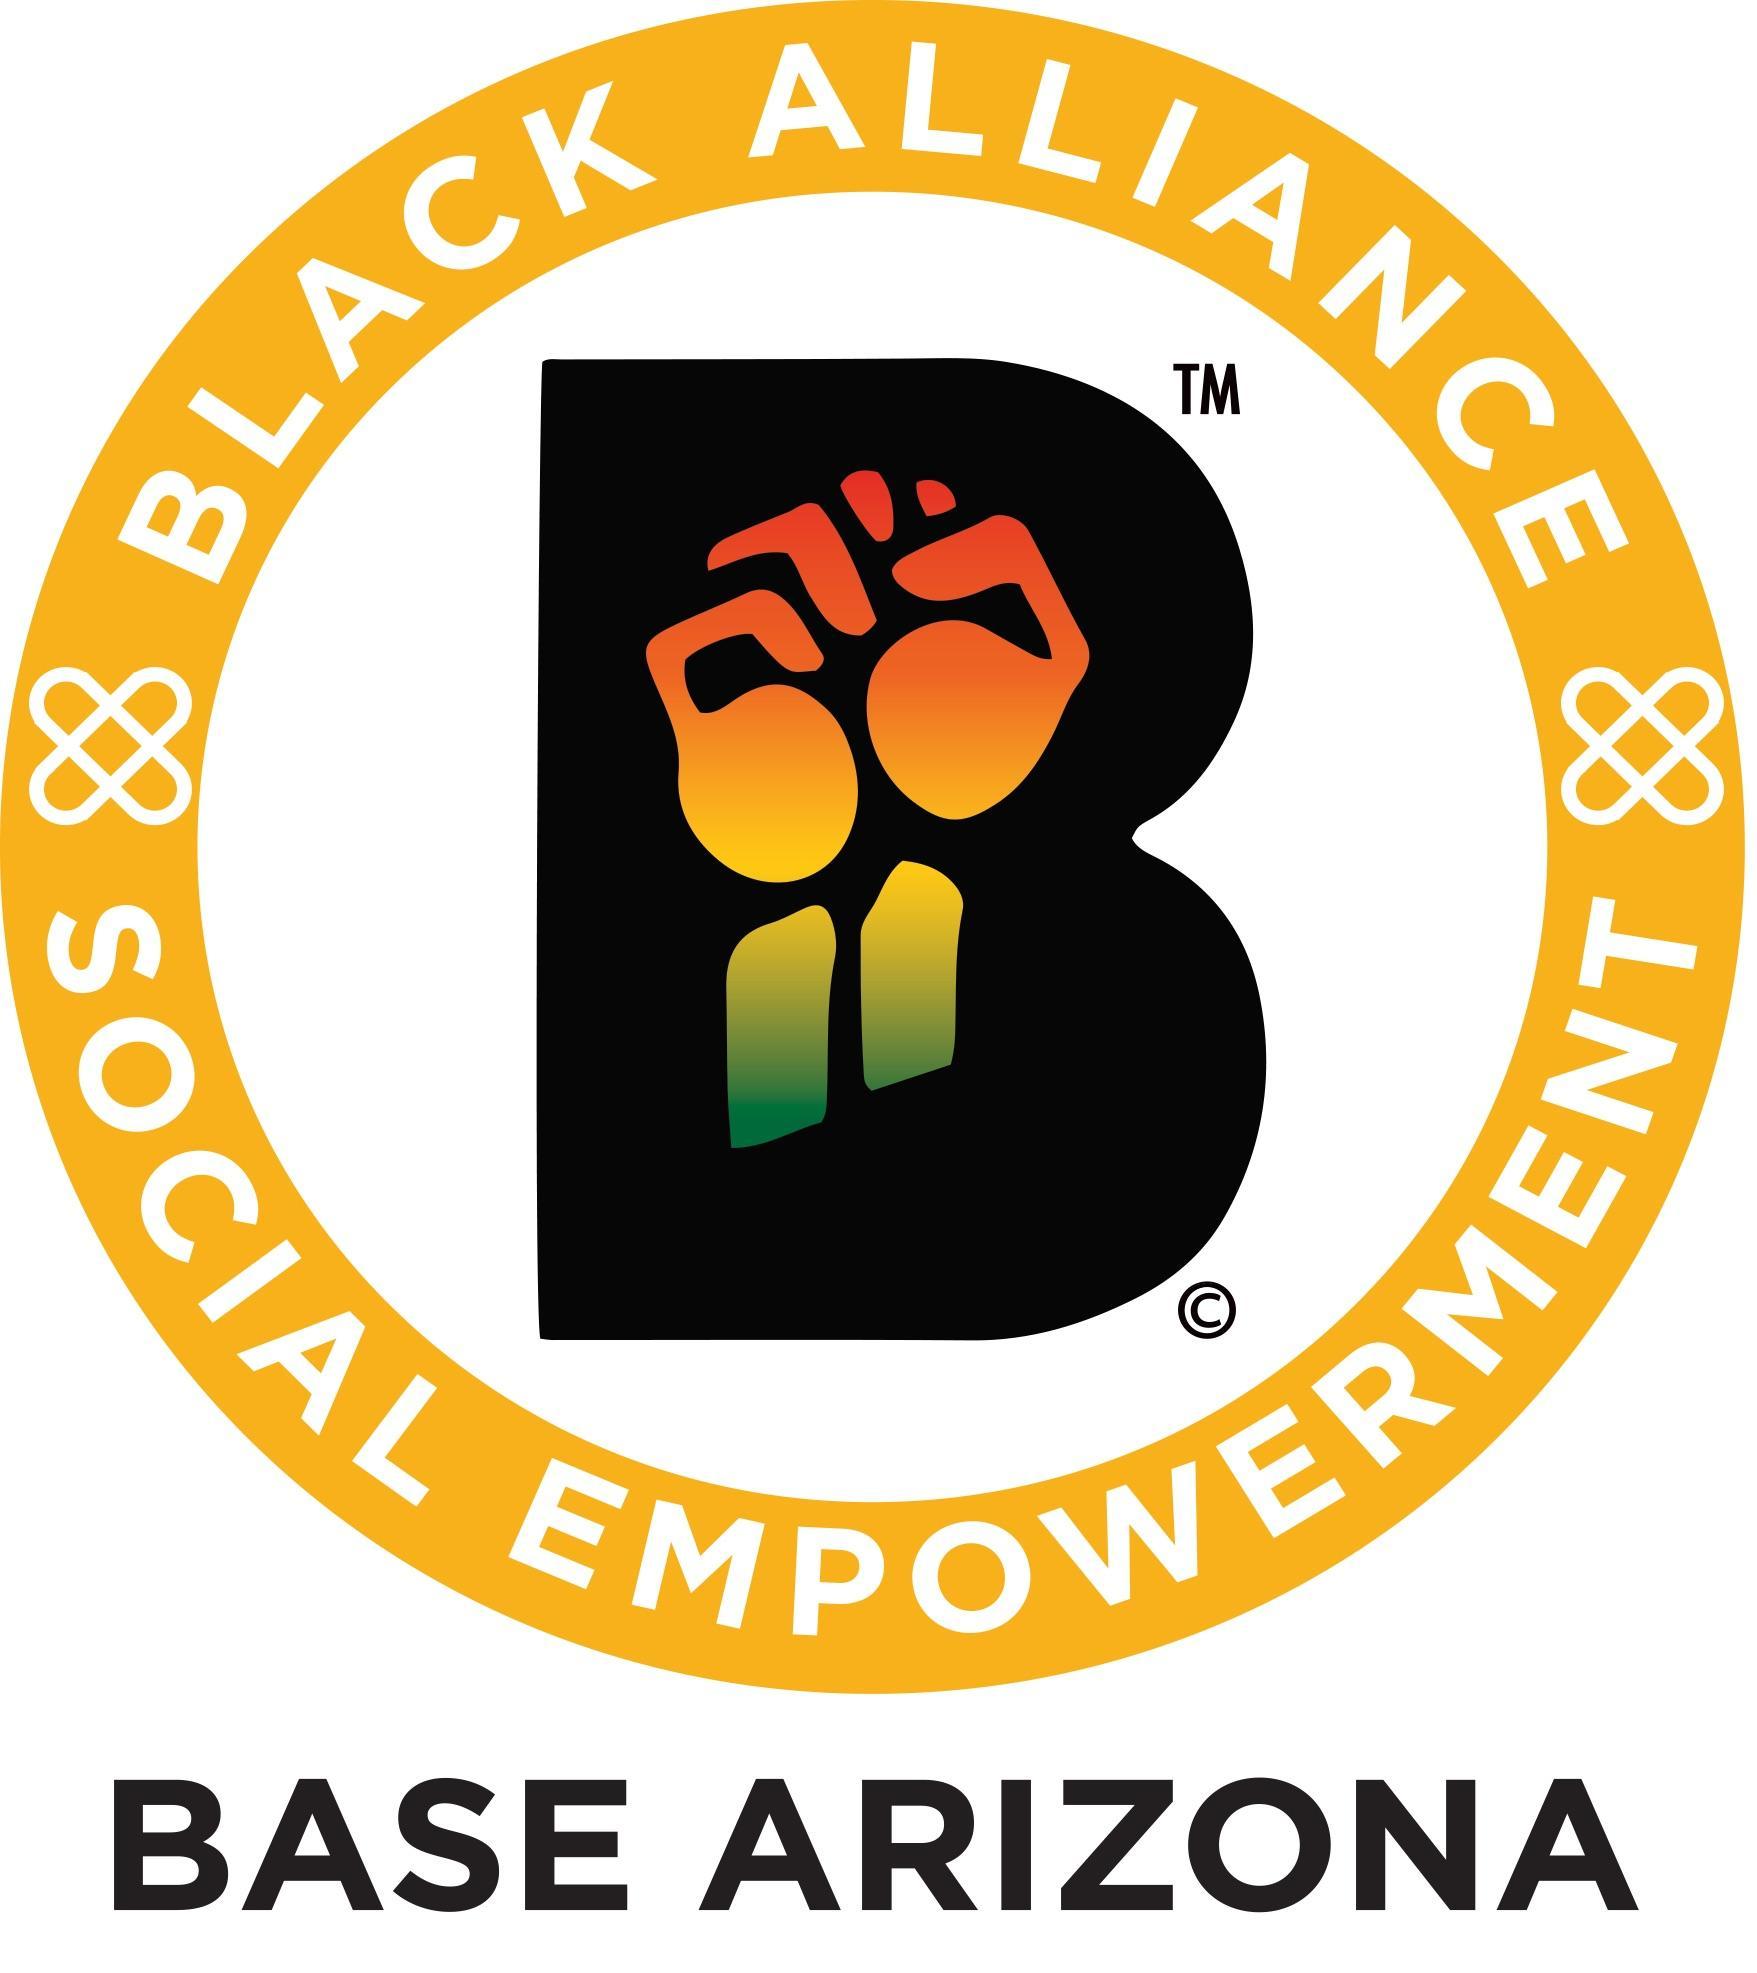 Base Arizona